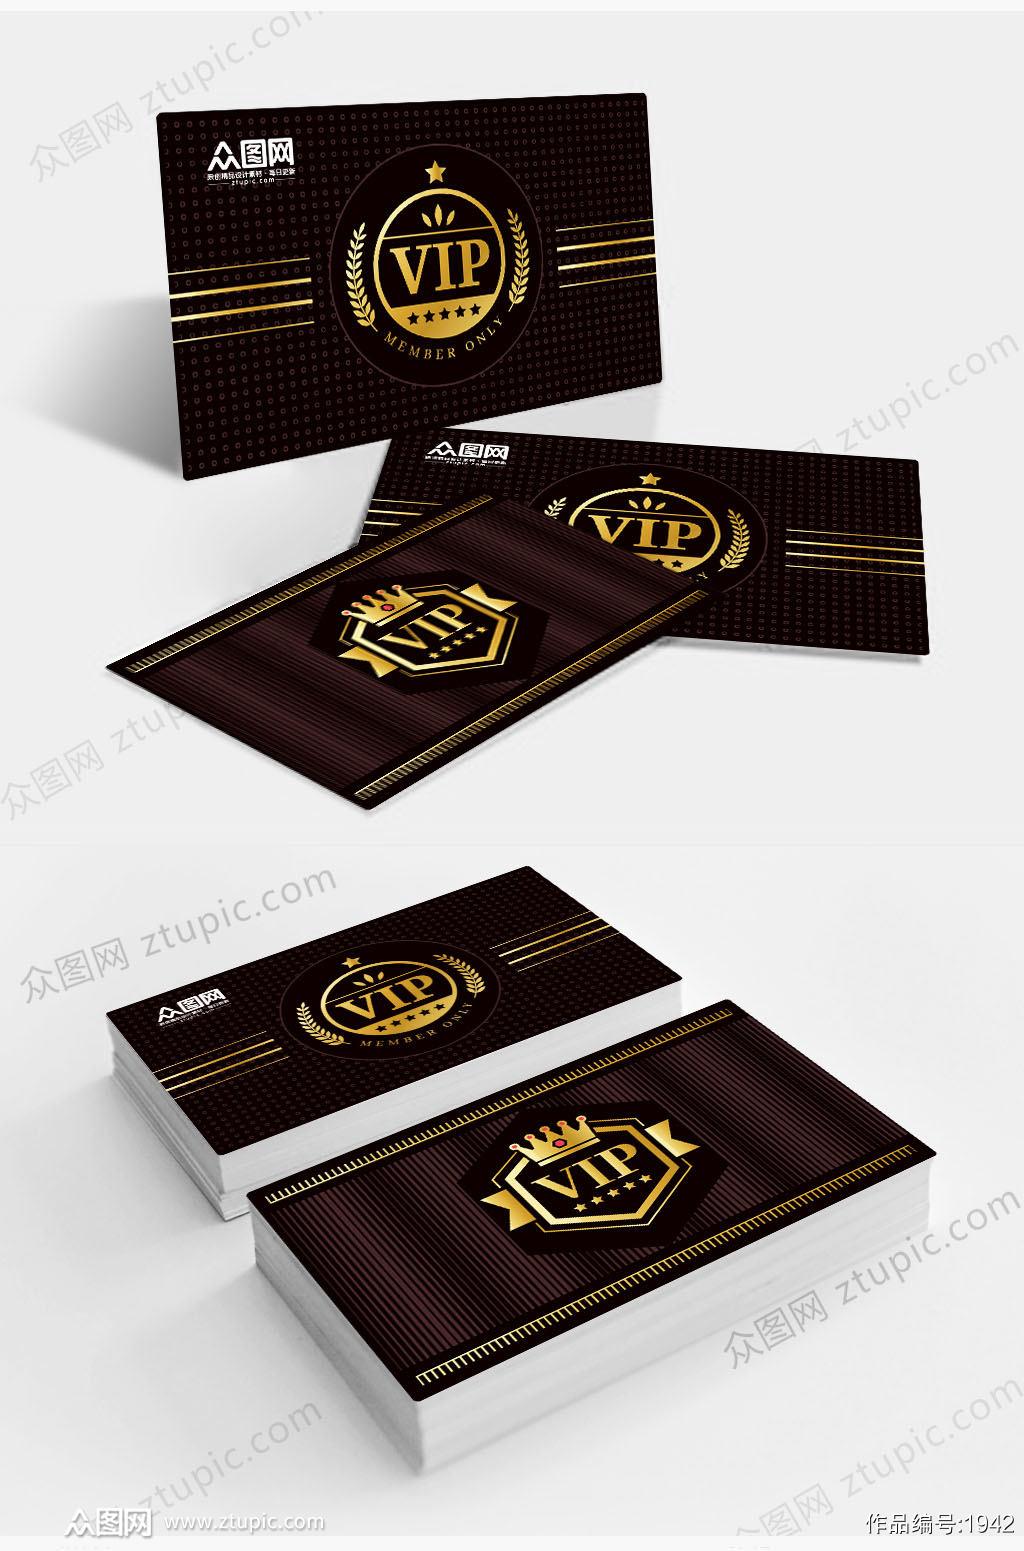 金色皇冠VIP会员卡设计素材